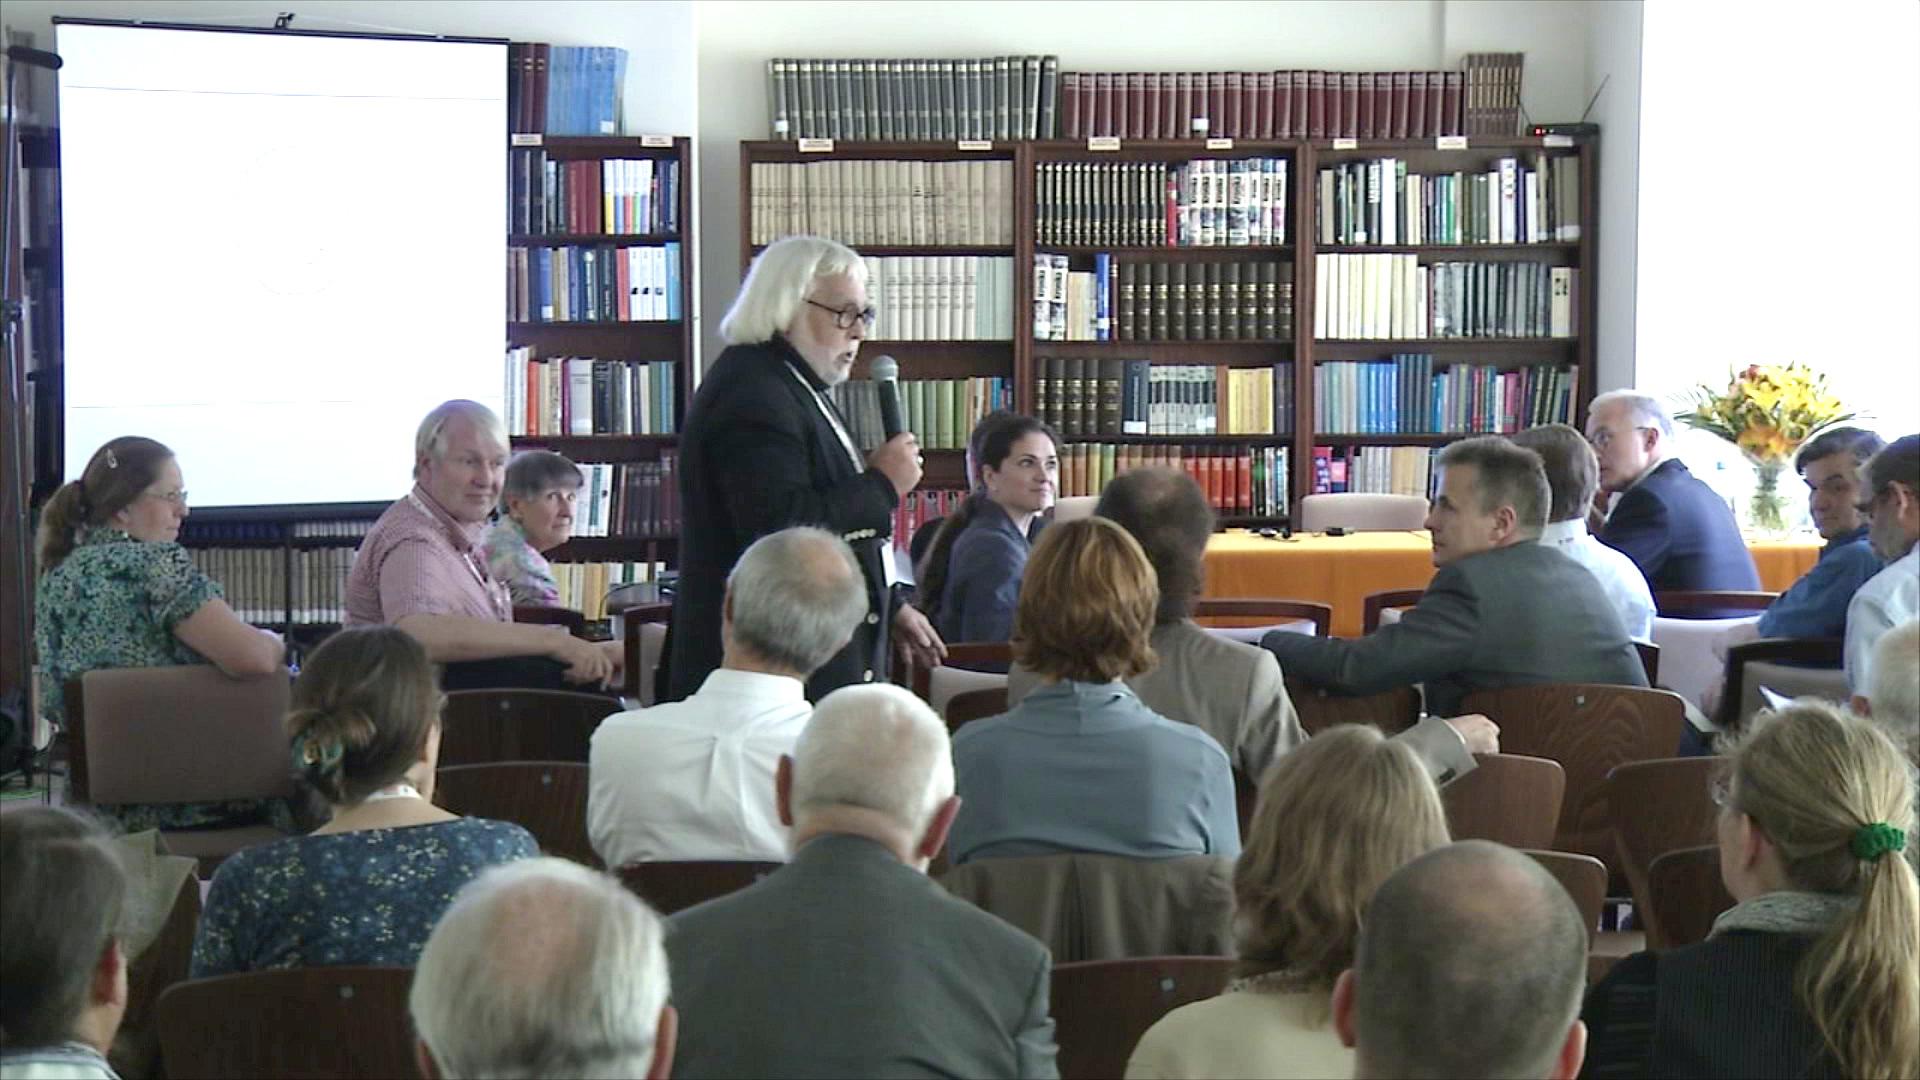 Konferencja Hevelius 2011 - zakończenie konferencji